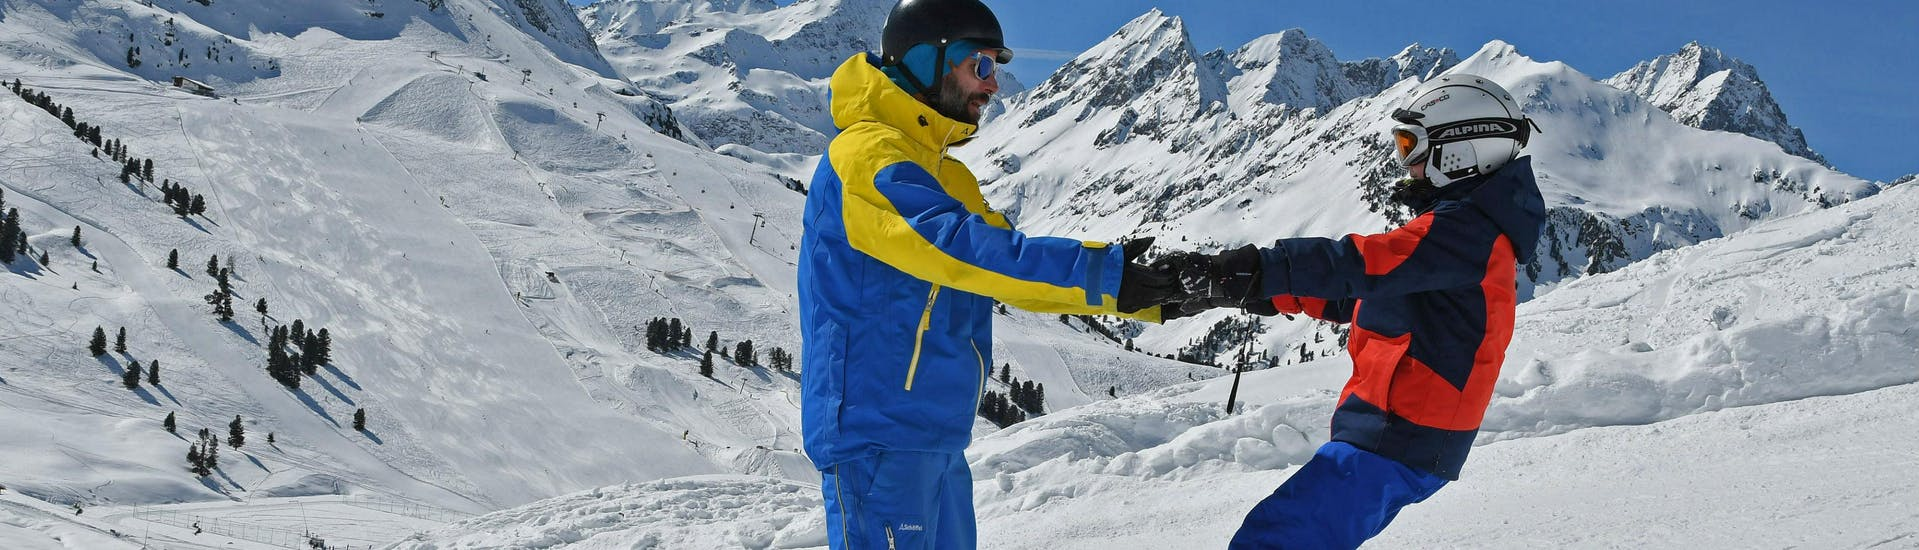 Cours particulier de snowboard pour Tous niveaux avec 1. Schi- und Snowboardschule Kühtai - Hero image